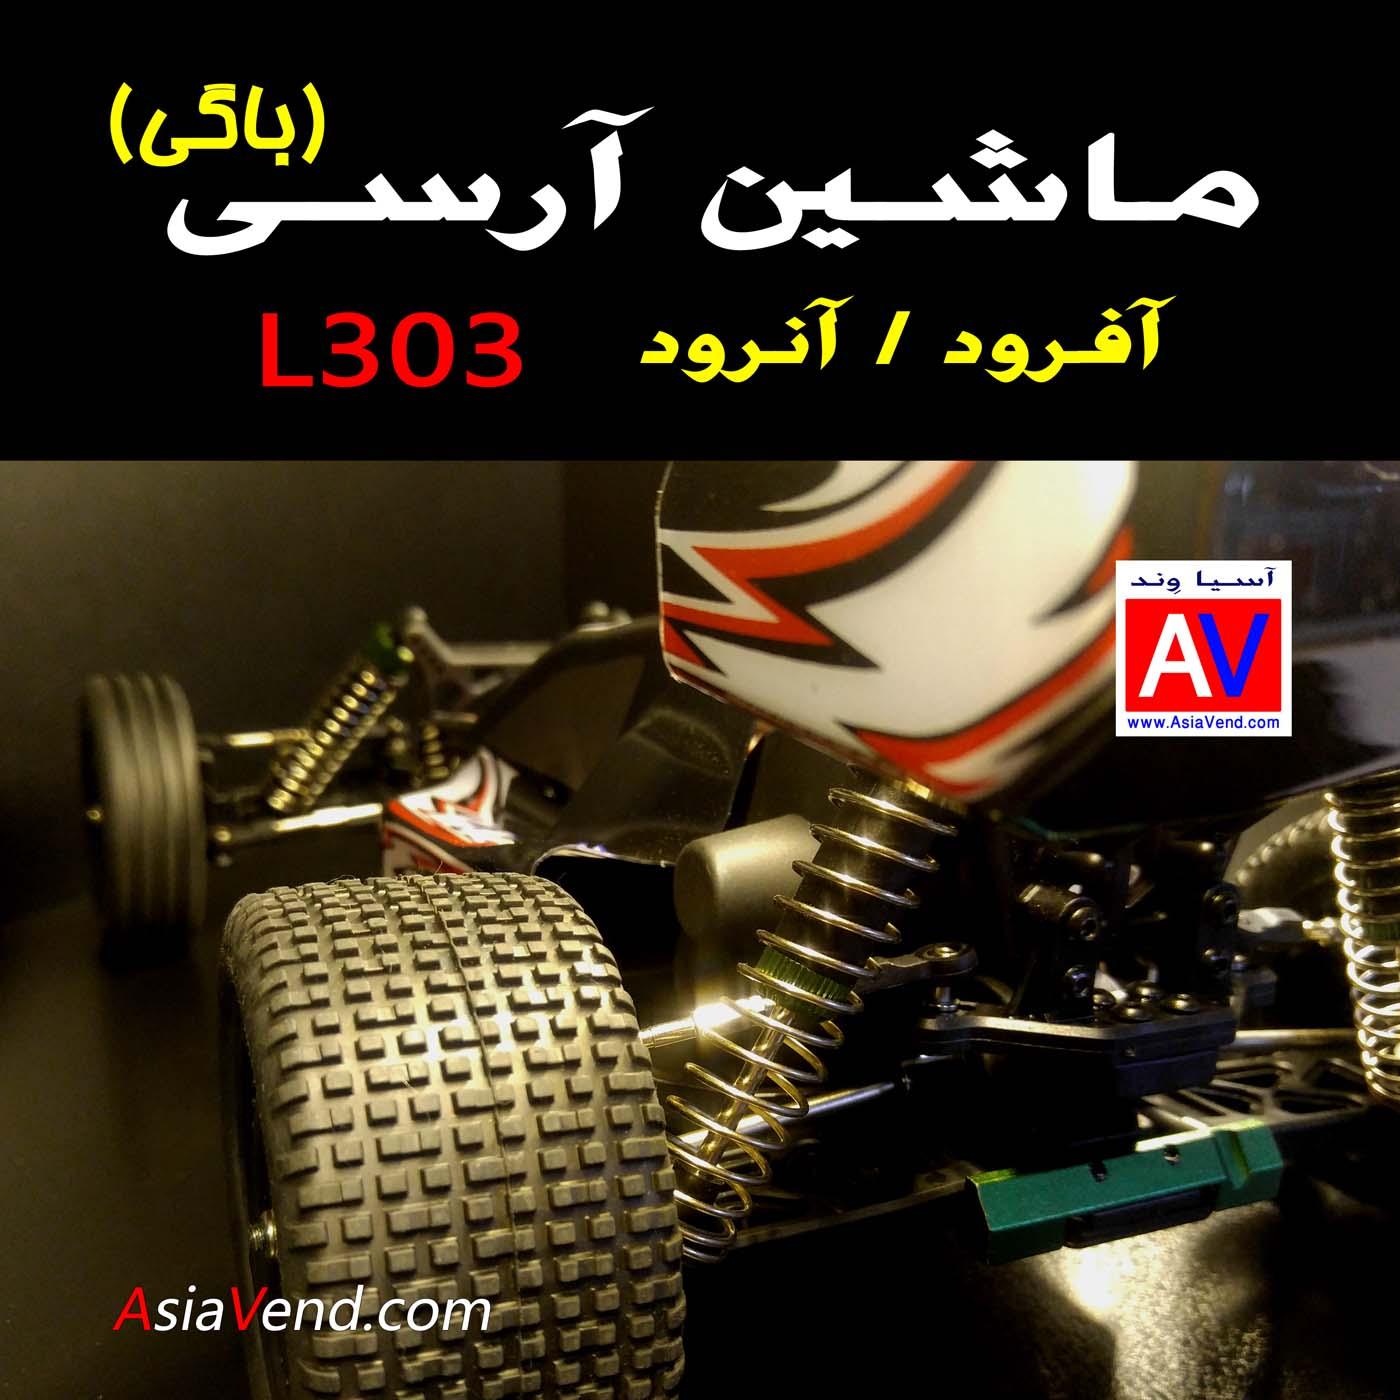 خرید ماشین کنترلی حرفه ای ماشین رادیو کنترلی L303